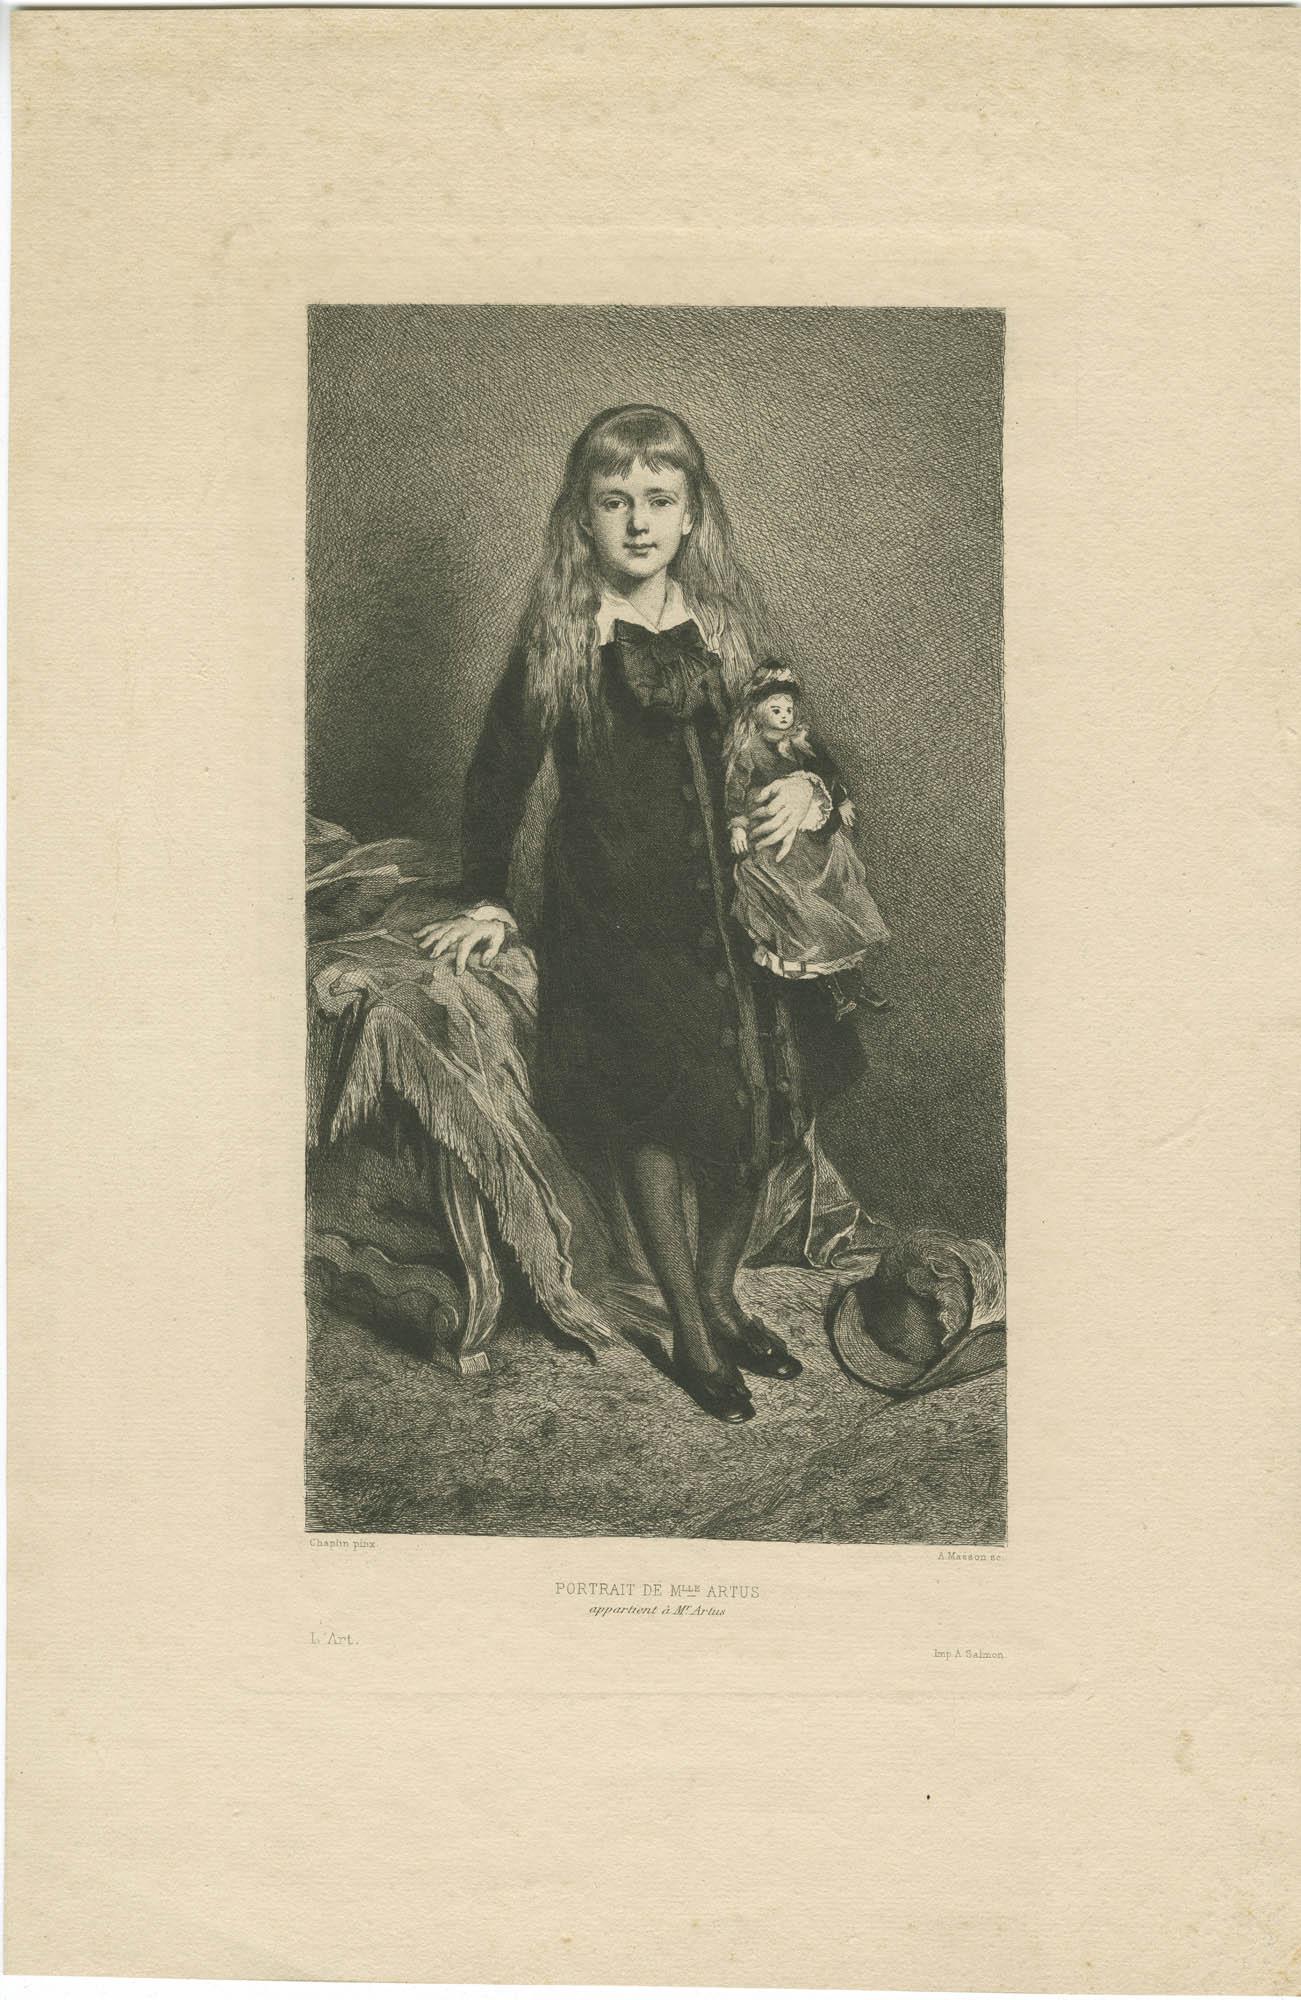 Portrait de Mlle Artus